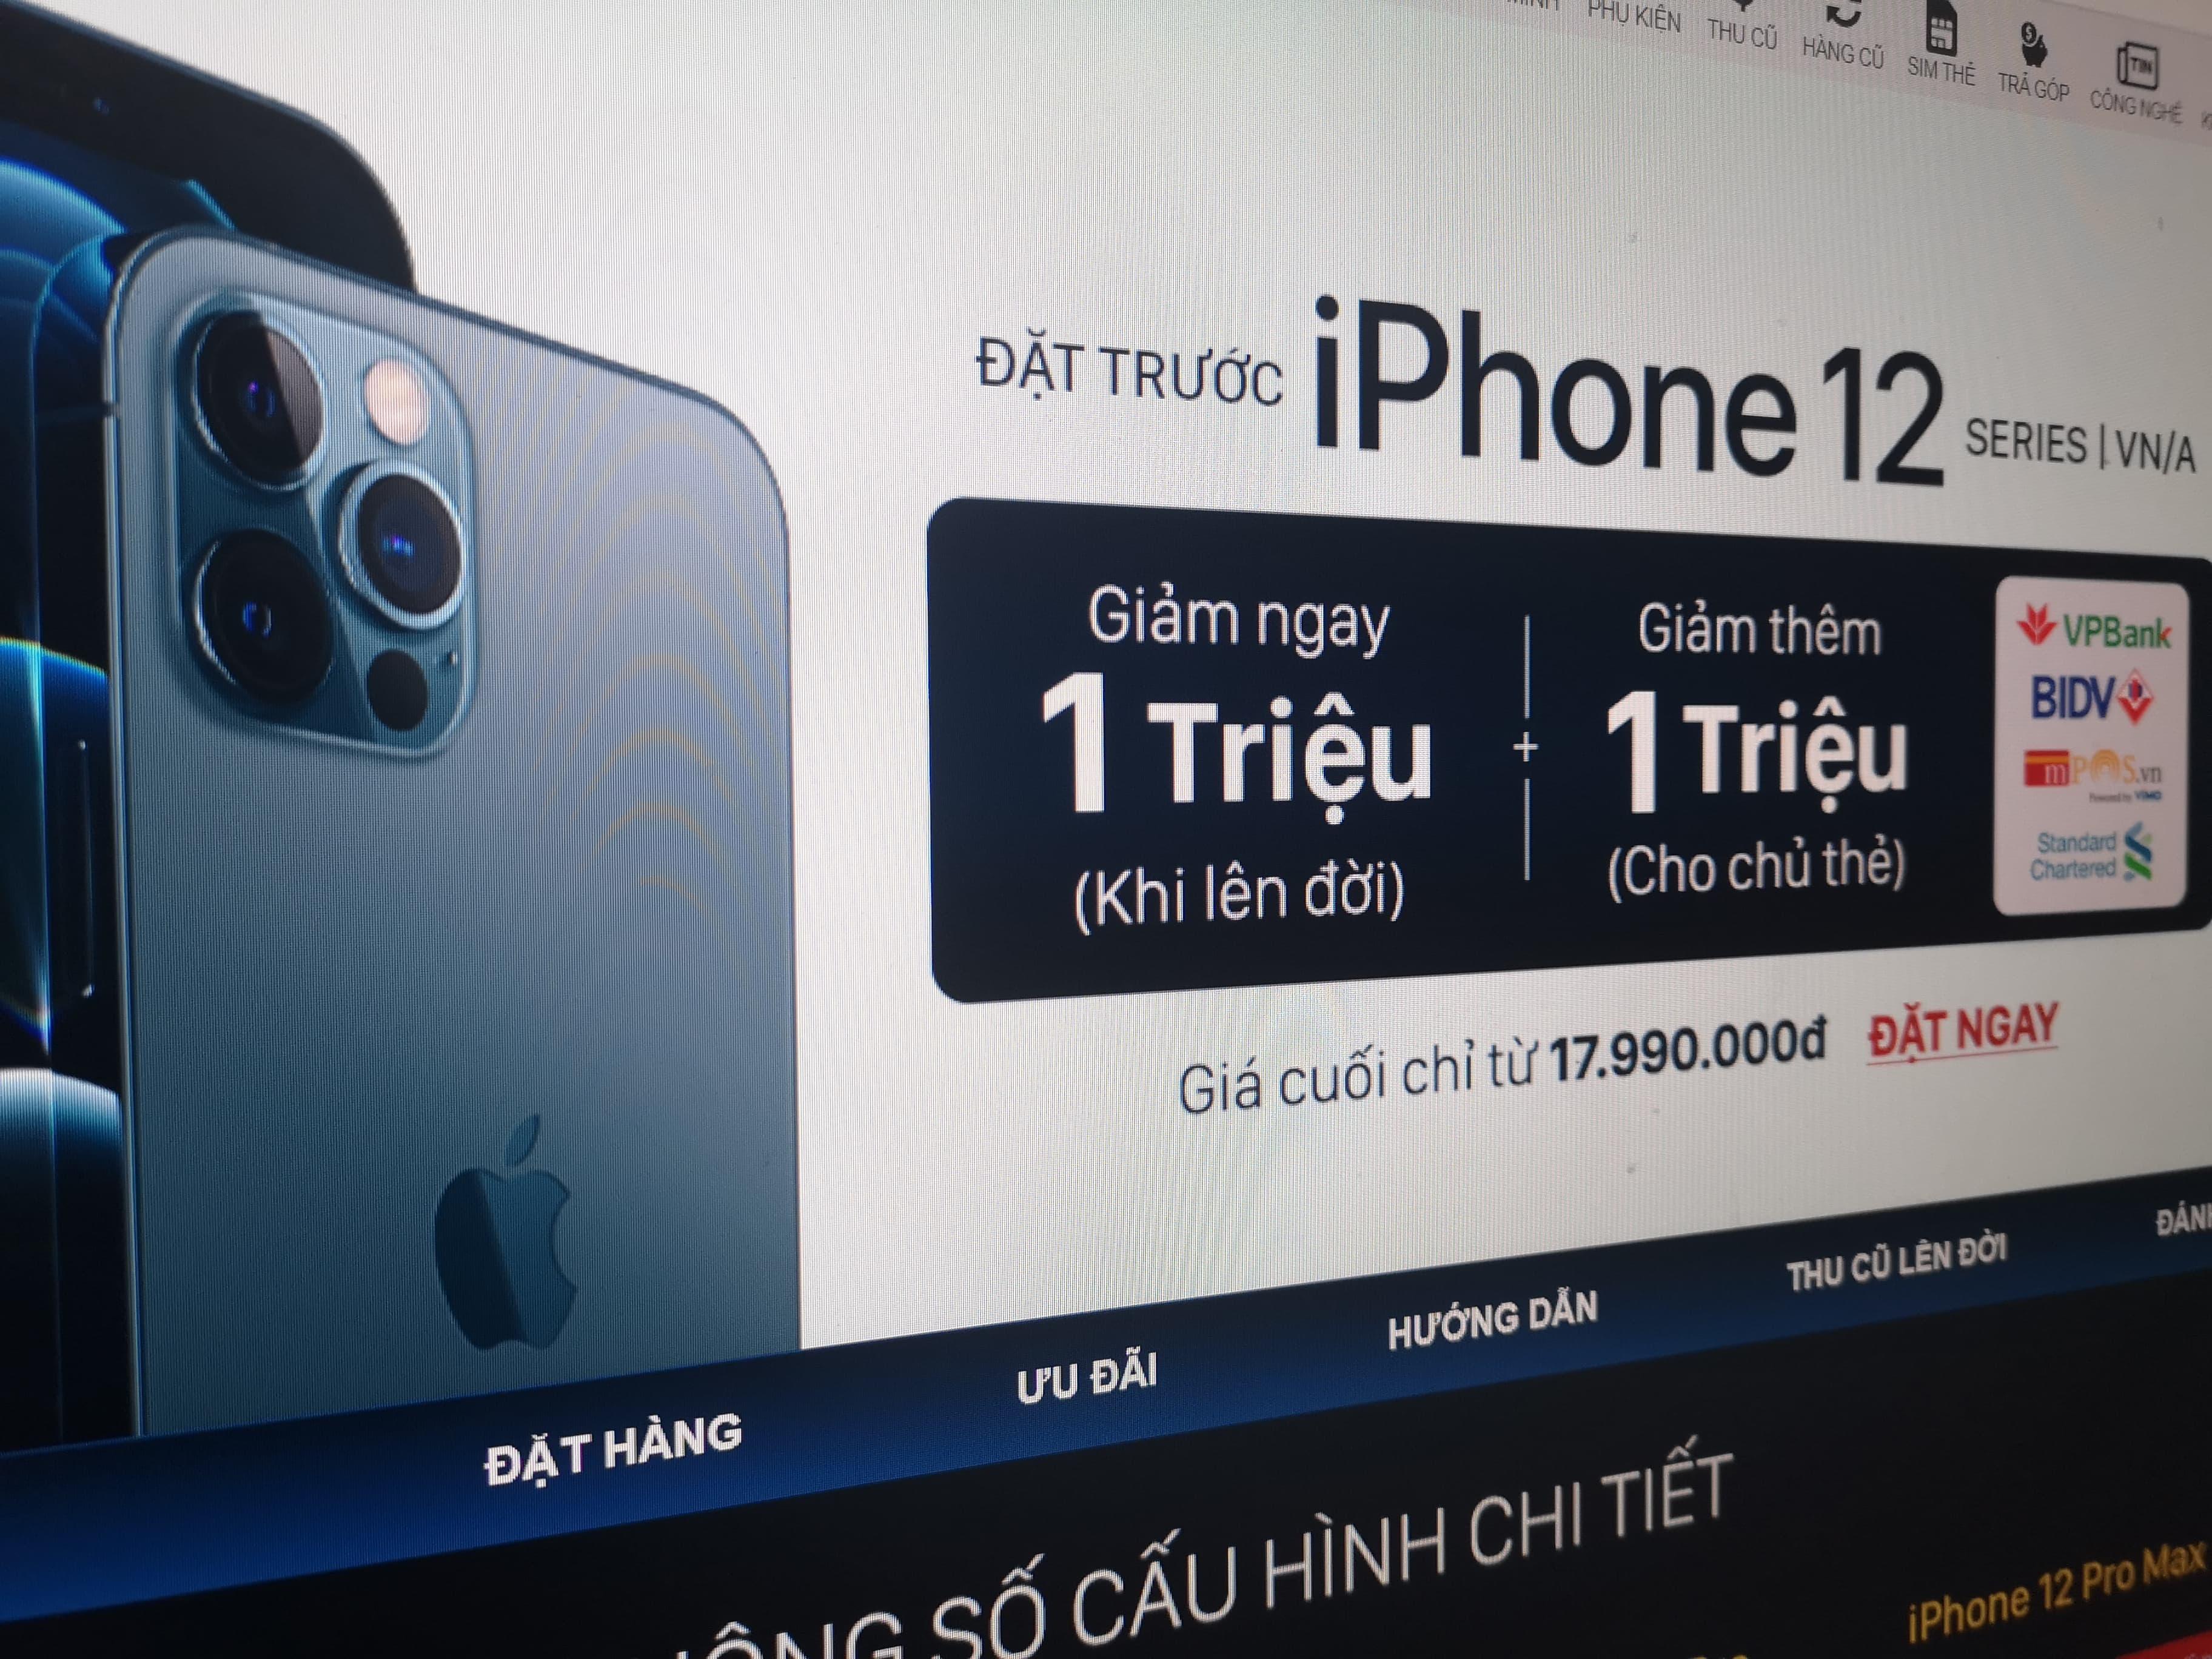 Đại lý giảm giá, tung nhiều ưu đãi trước khi mở bán iPhone 12 tại Việt Nam